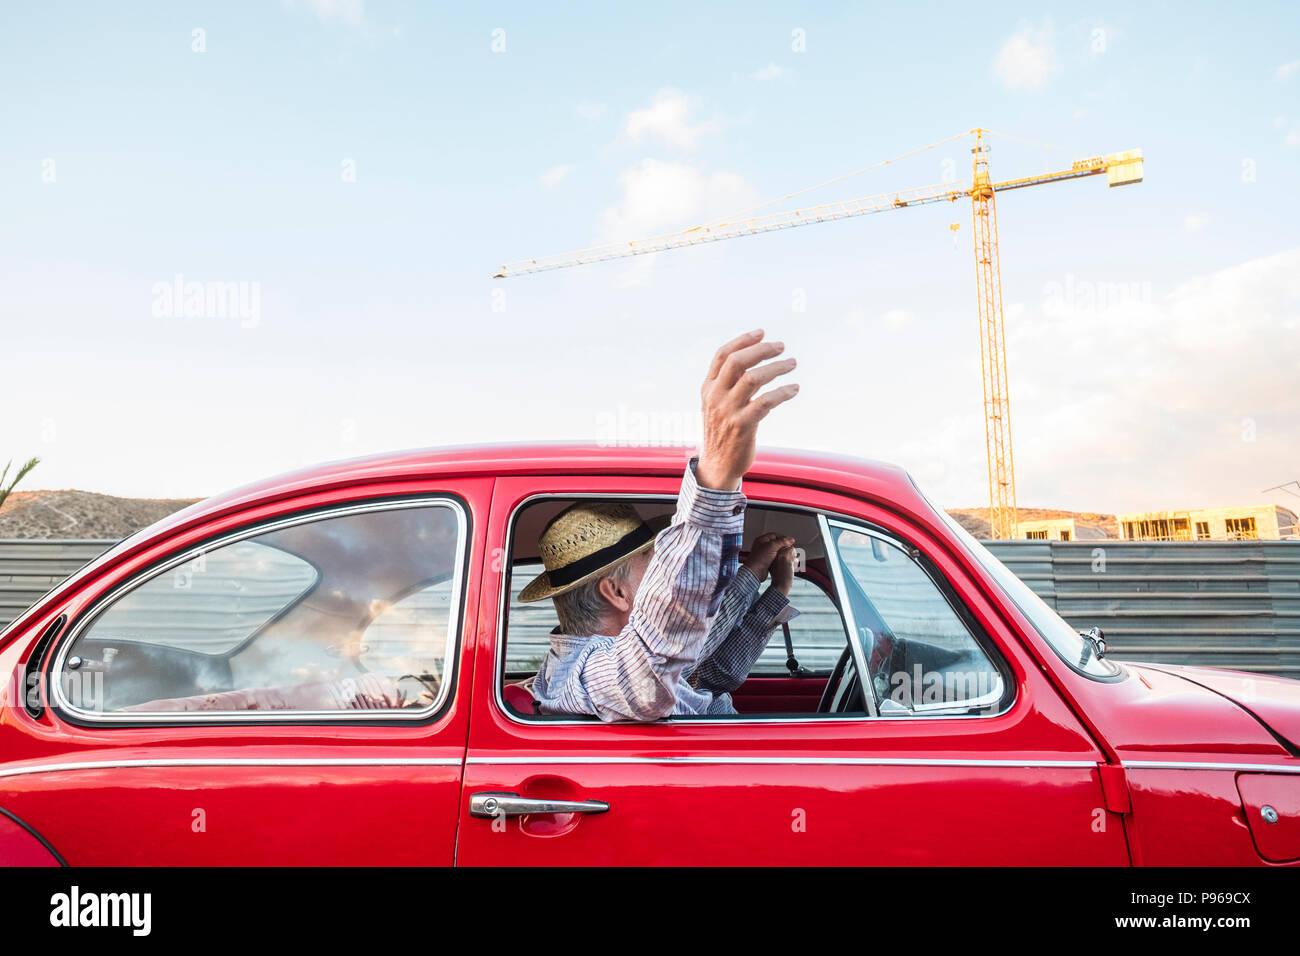 Portrait d'âge mûr et de voyage en voiture sur une voiture vintage rouge. Locations et wonderlust concpet pour gens heureux déménagement partout dans le monde de la construction. Photo Stock